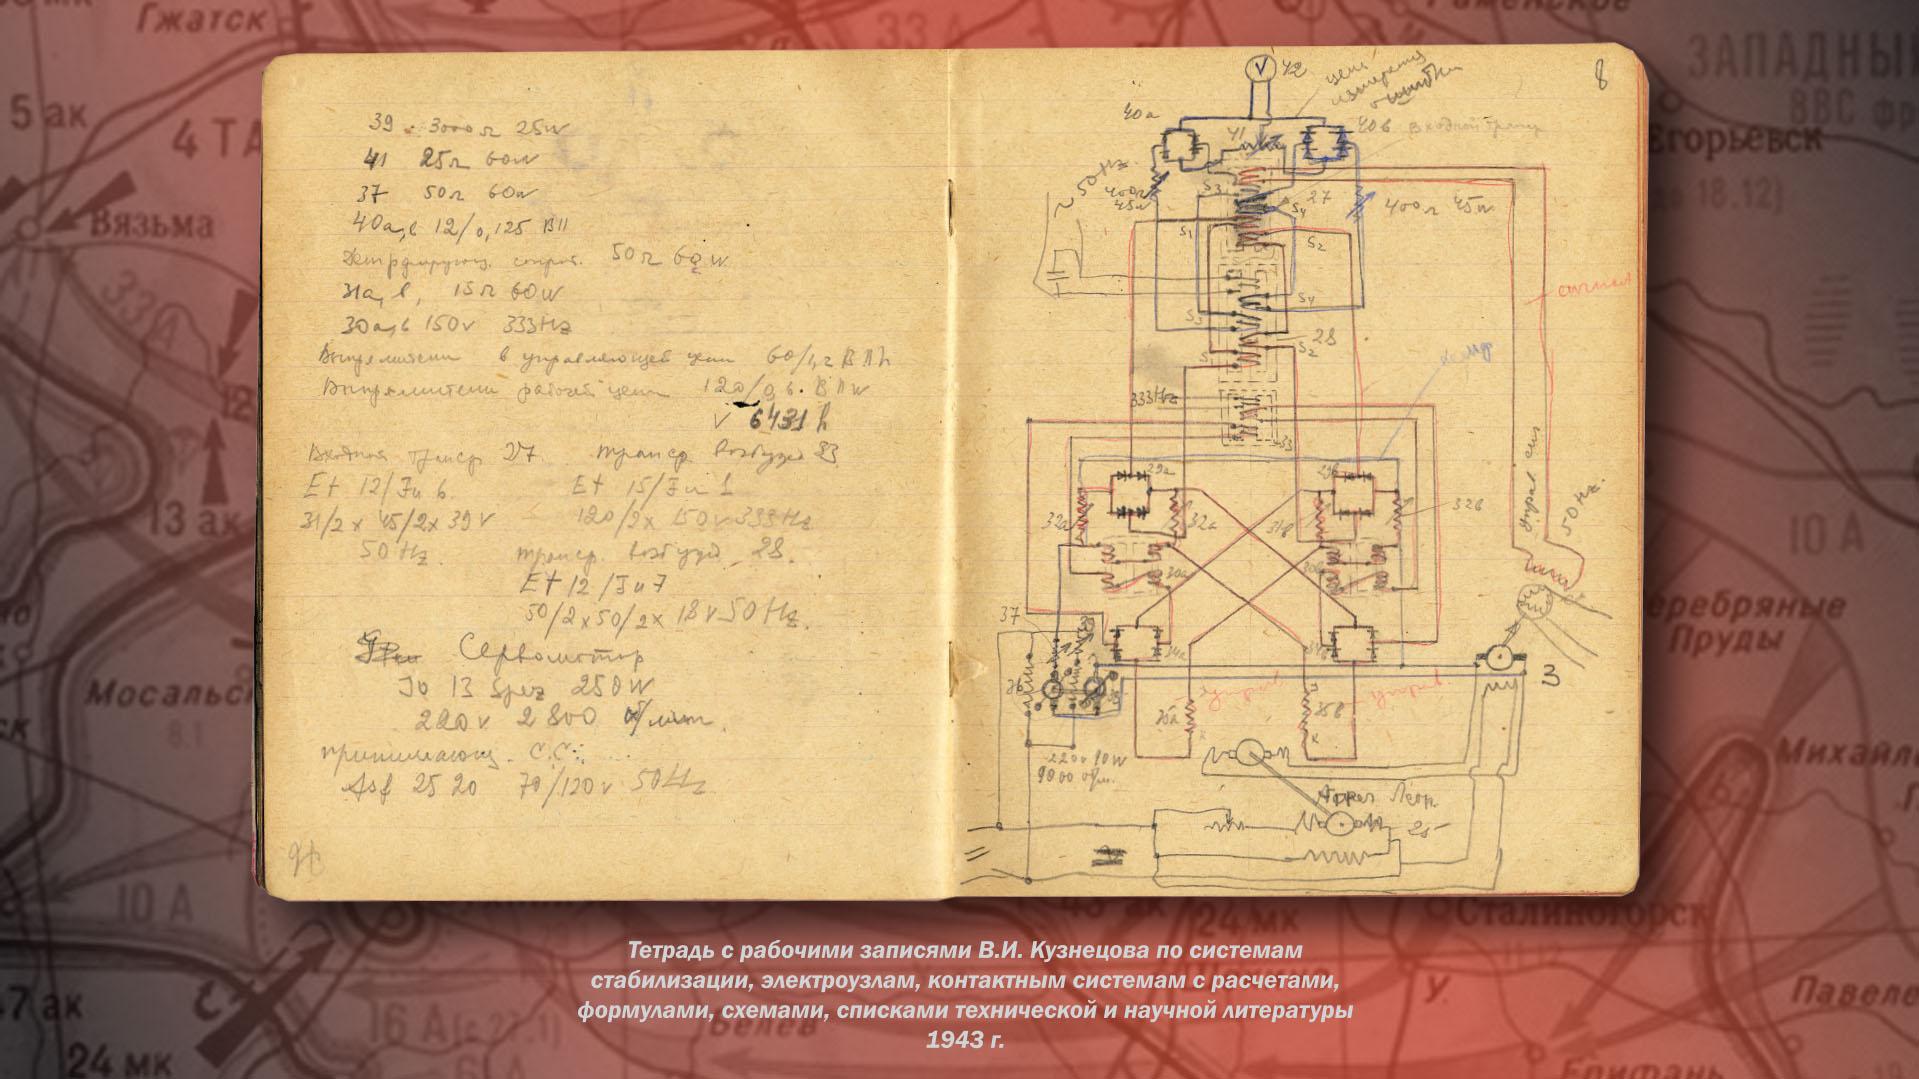 Тетрадь с рабочими записями В.И. Кузнецова